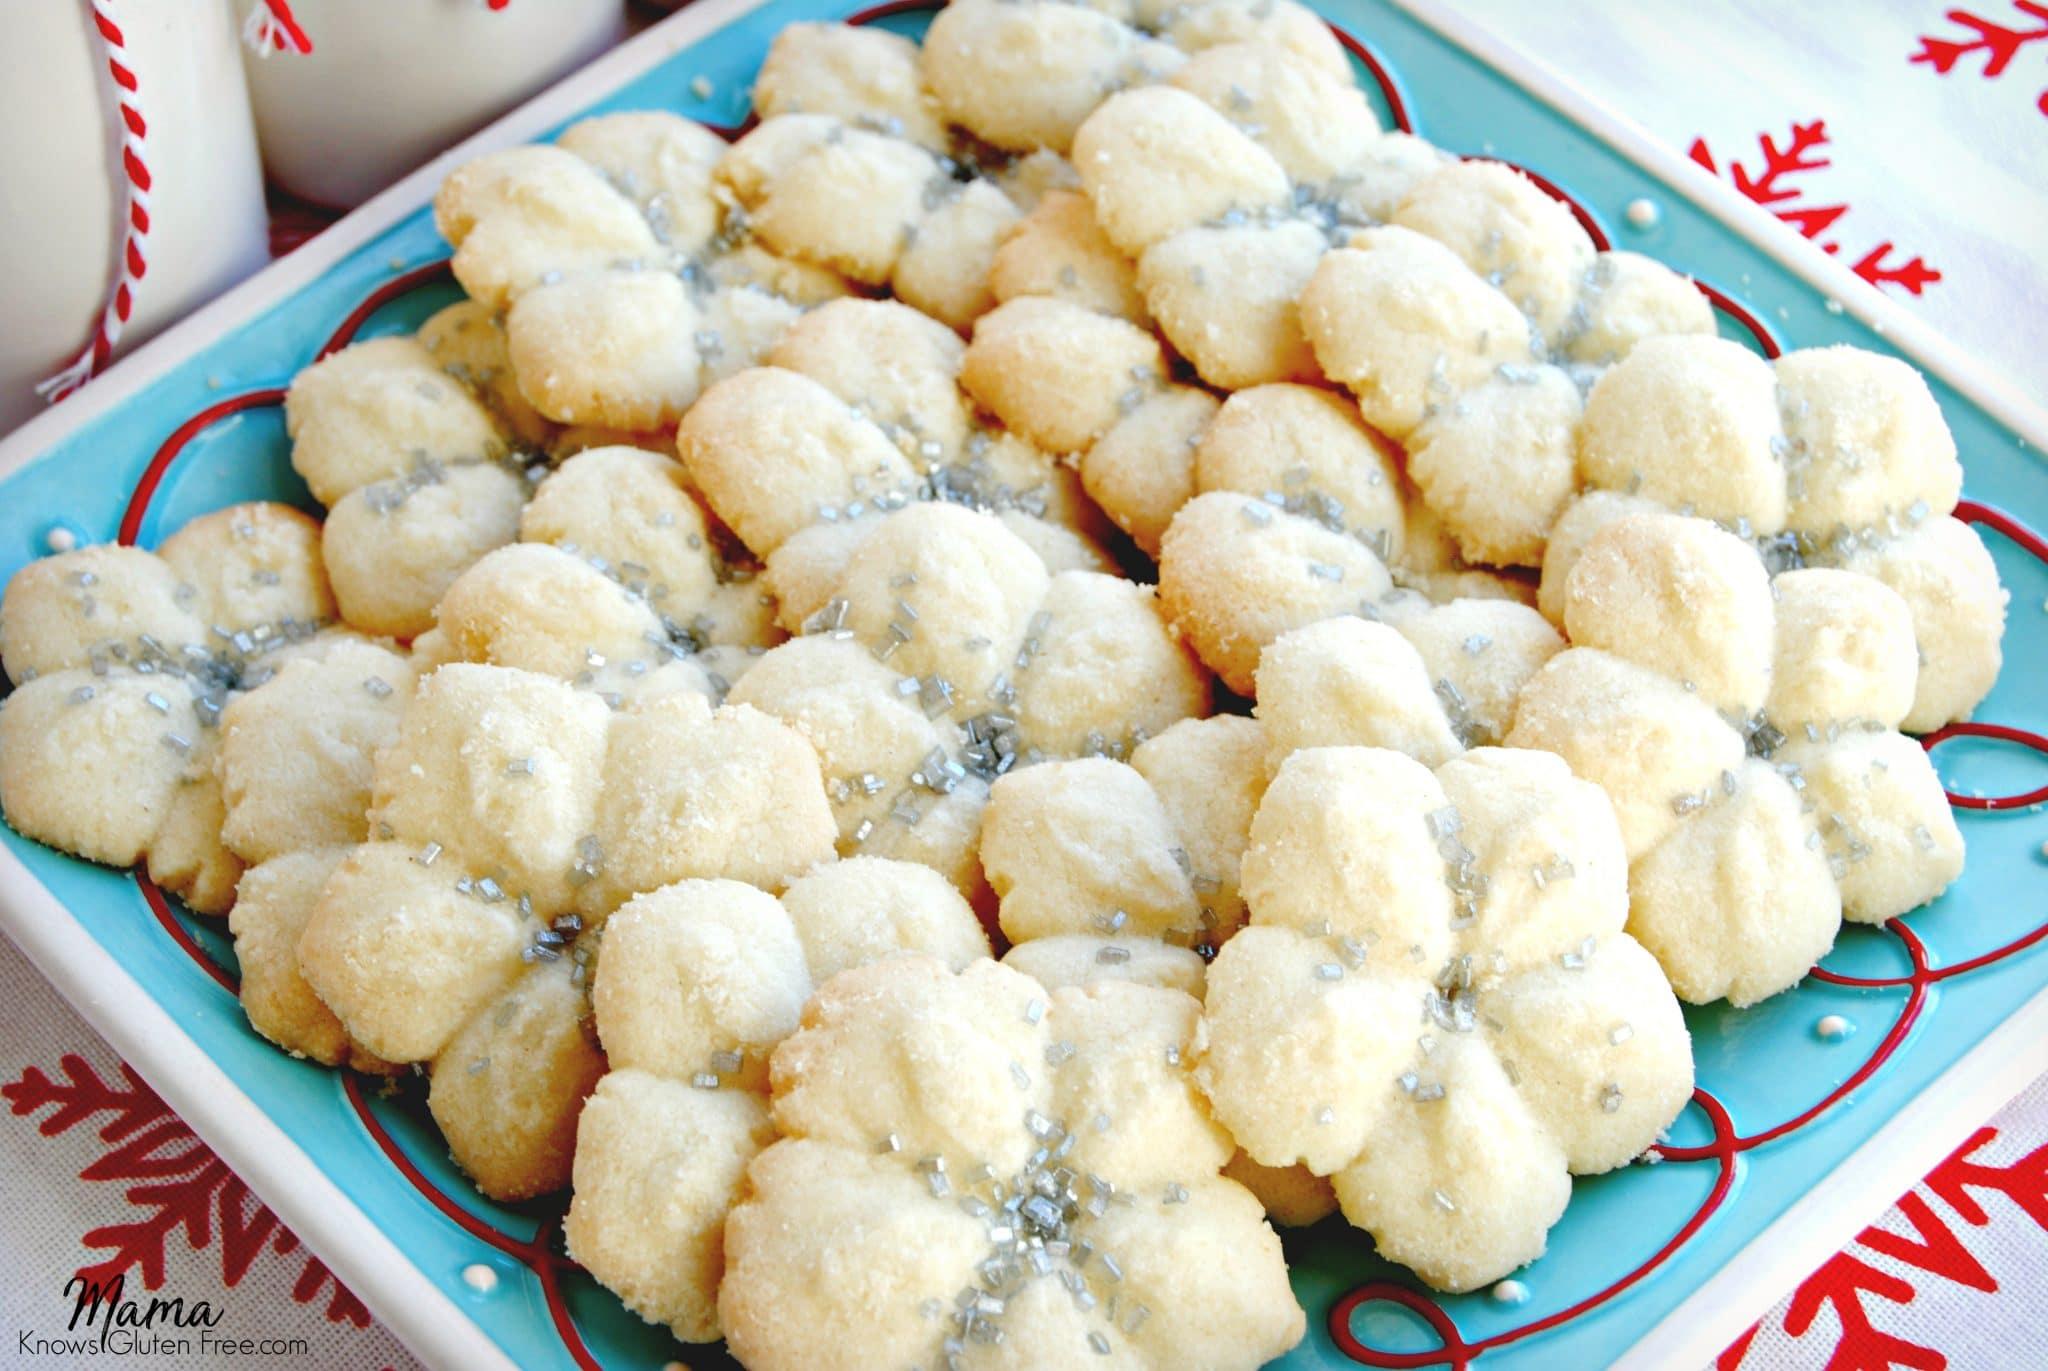 Gluten-Free Almond Spritz Cookies